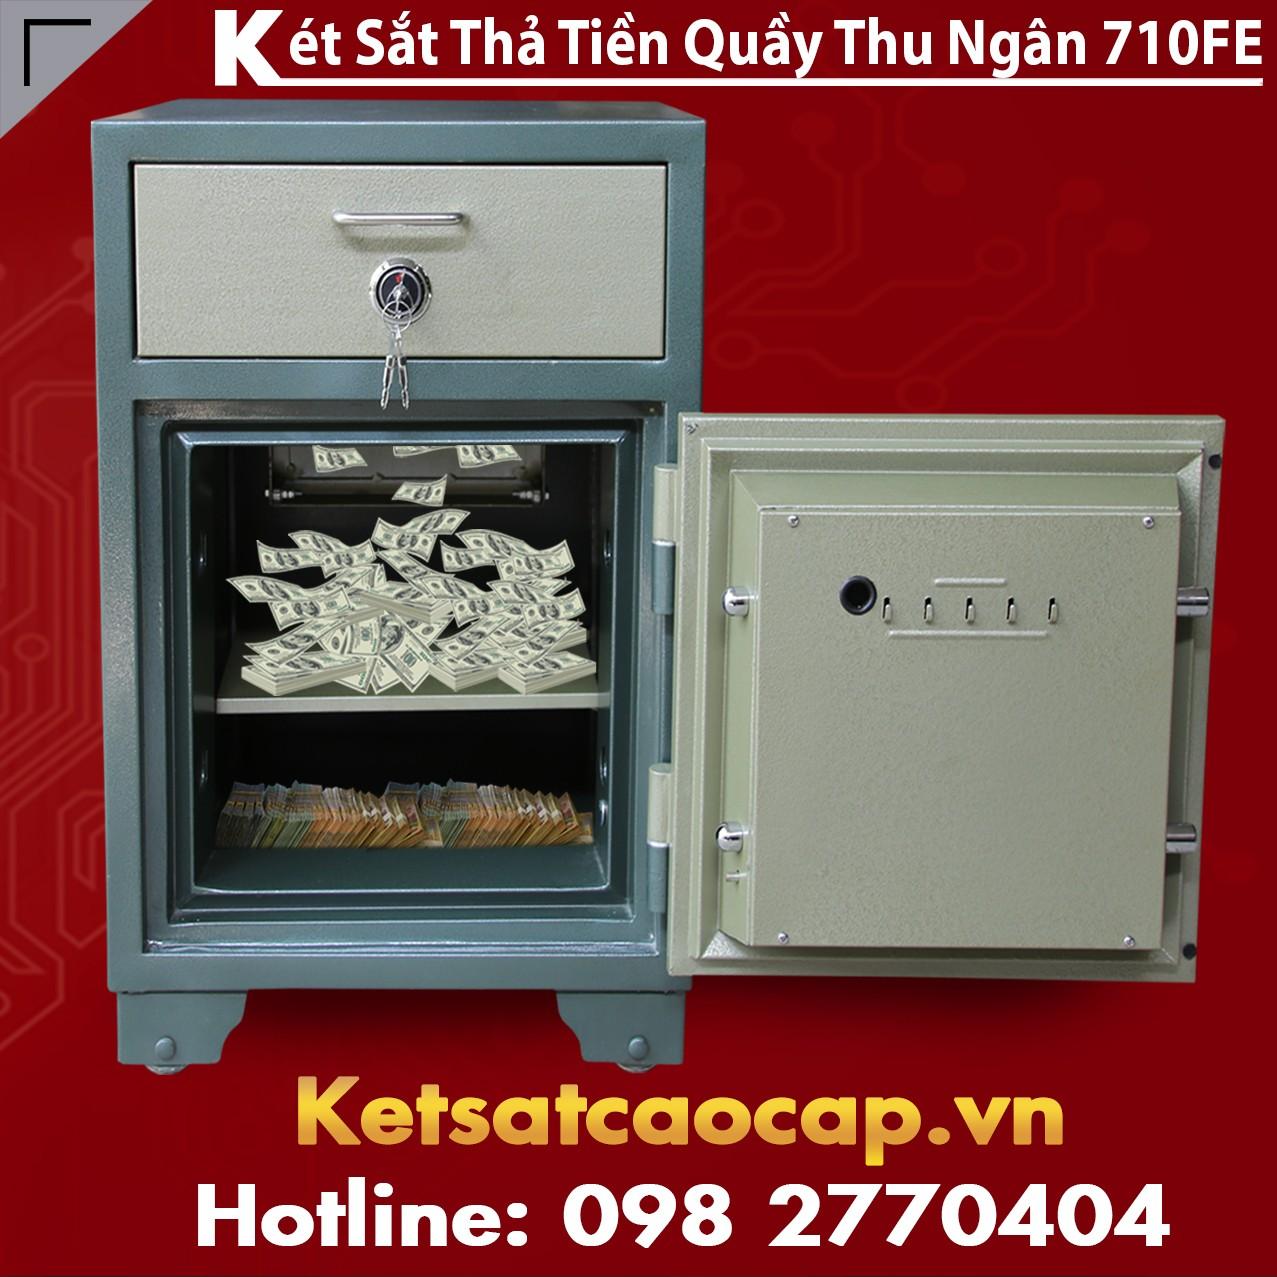 Két Sắt Vân Tay Điện Tử Hàn Quốc Bank Safe BEMC 710FE Độ Bền Đẹp cao